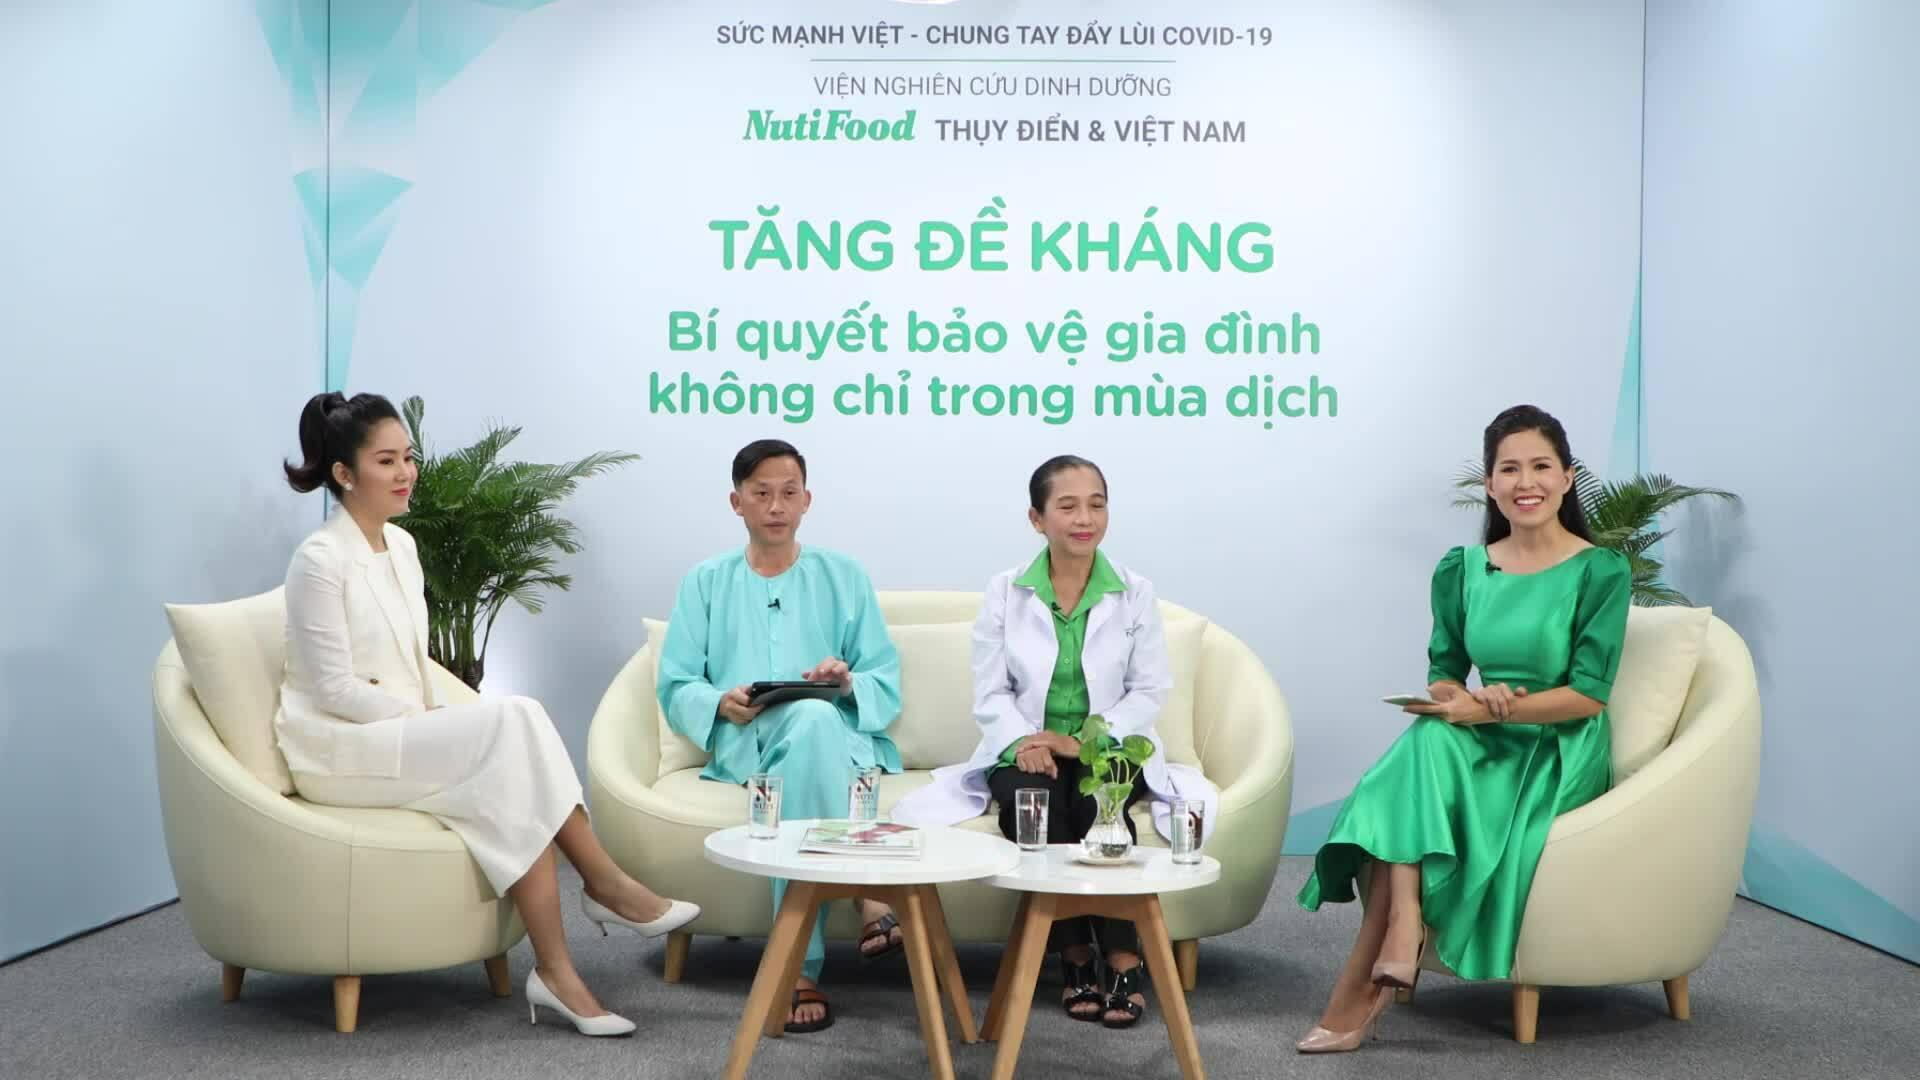 Hoài Linh, Lê Phương tìm hiểu cách tăng đề kháng